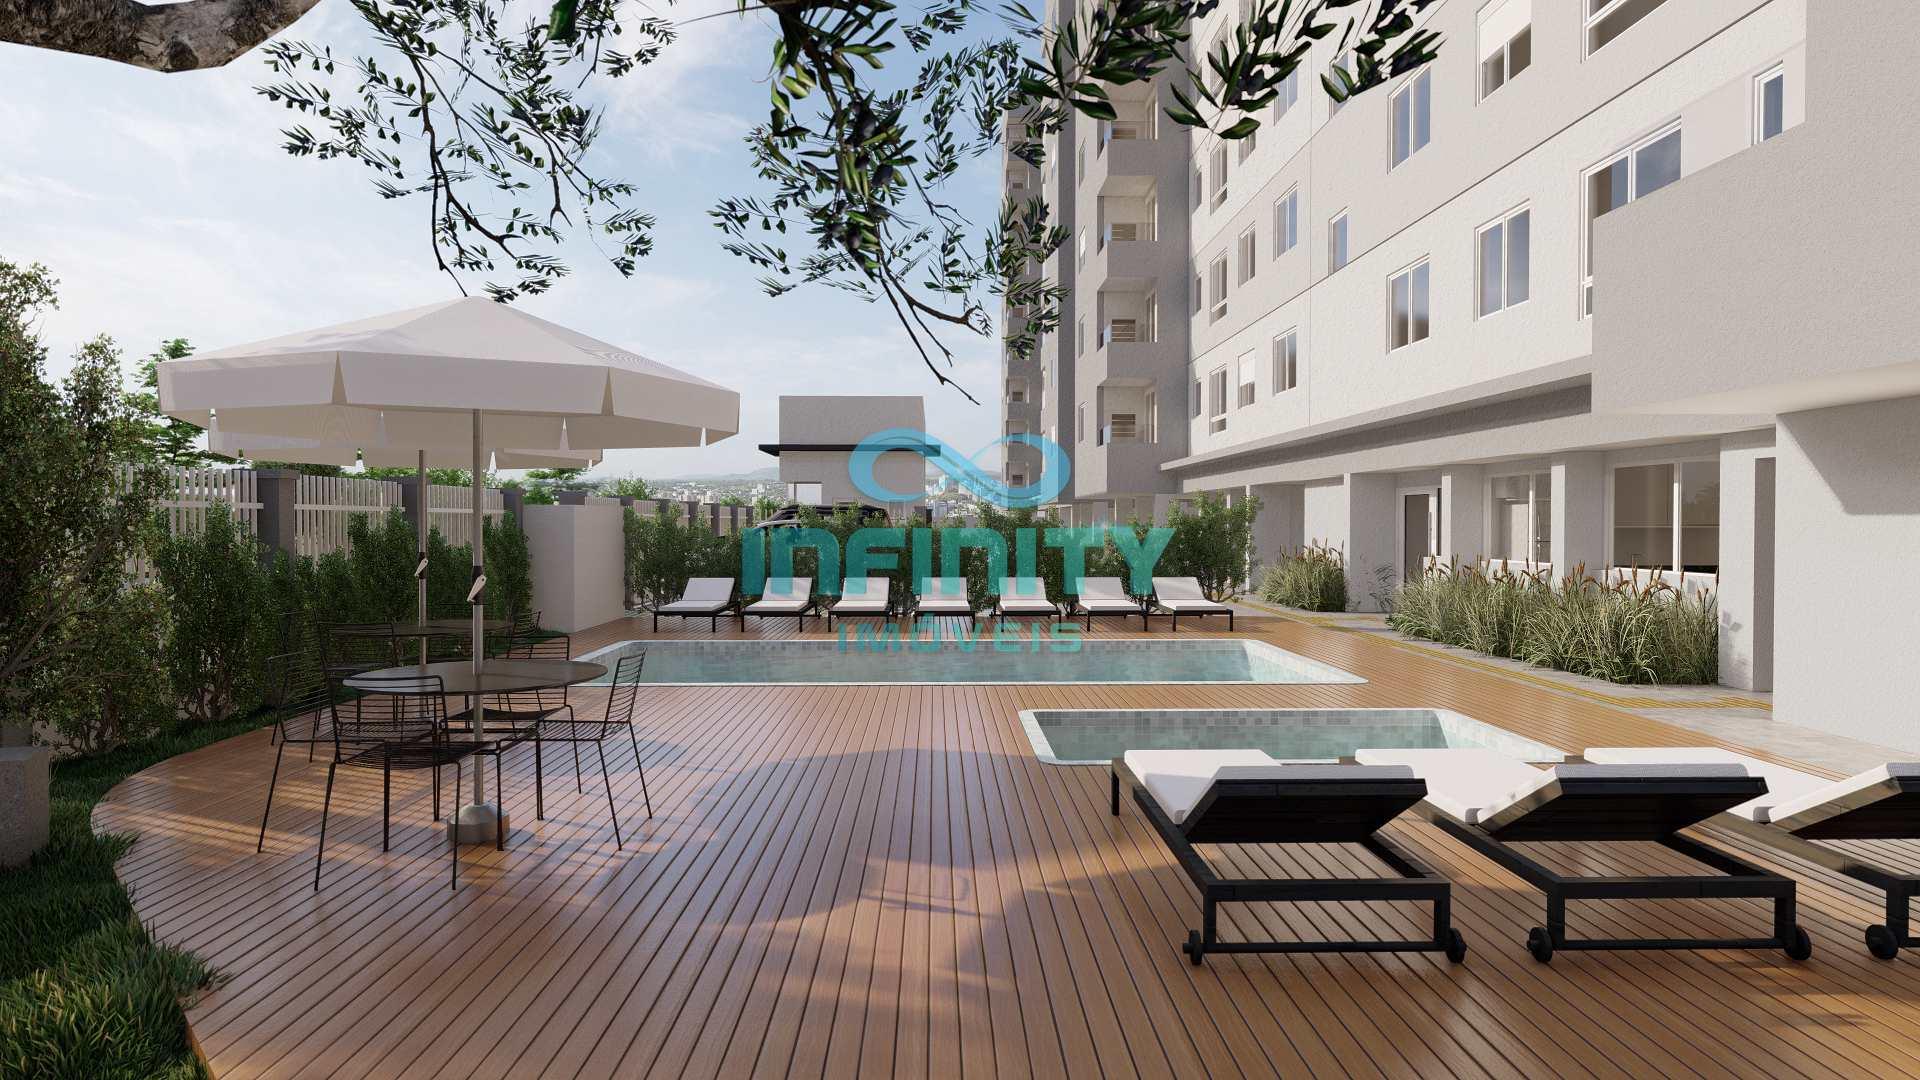 001 Solar da Figueira, Apartamentos à Venda em Gravataí